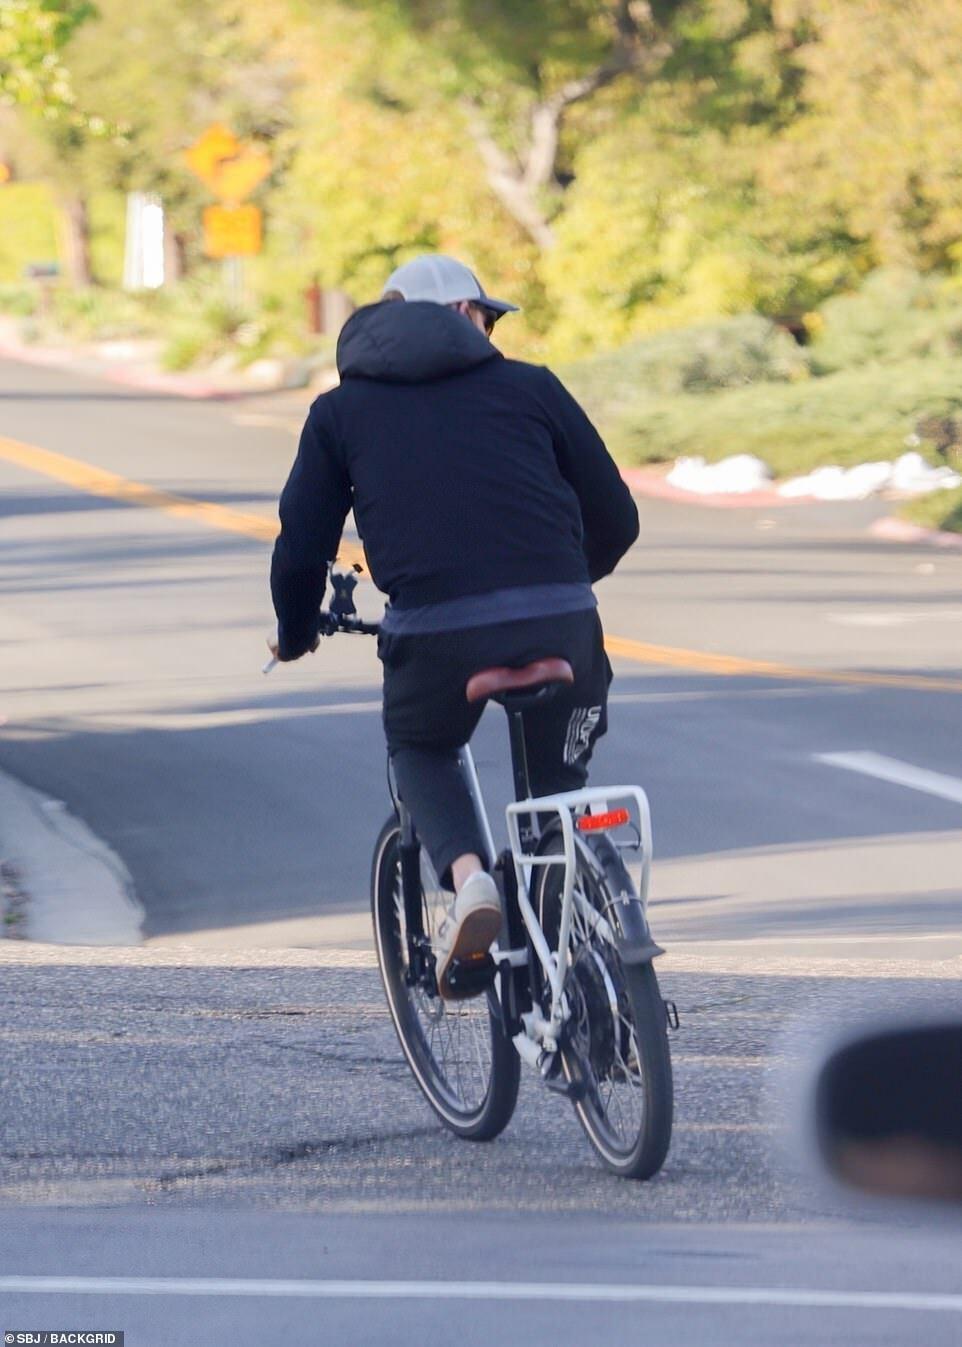 Папарацци застали принца Гарри во время велопрогулки в городке Монтесито в Калифорнии